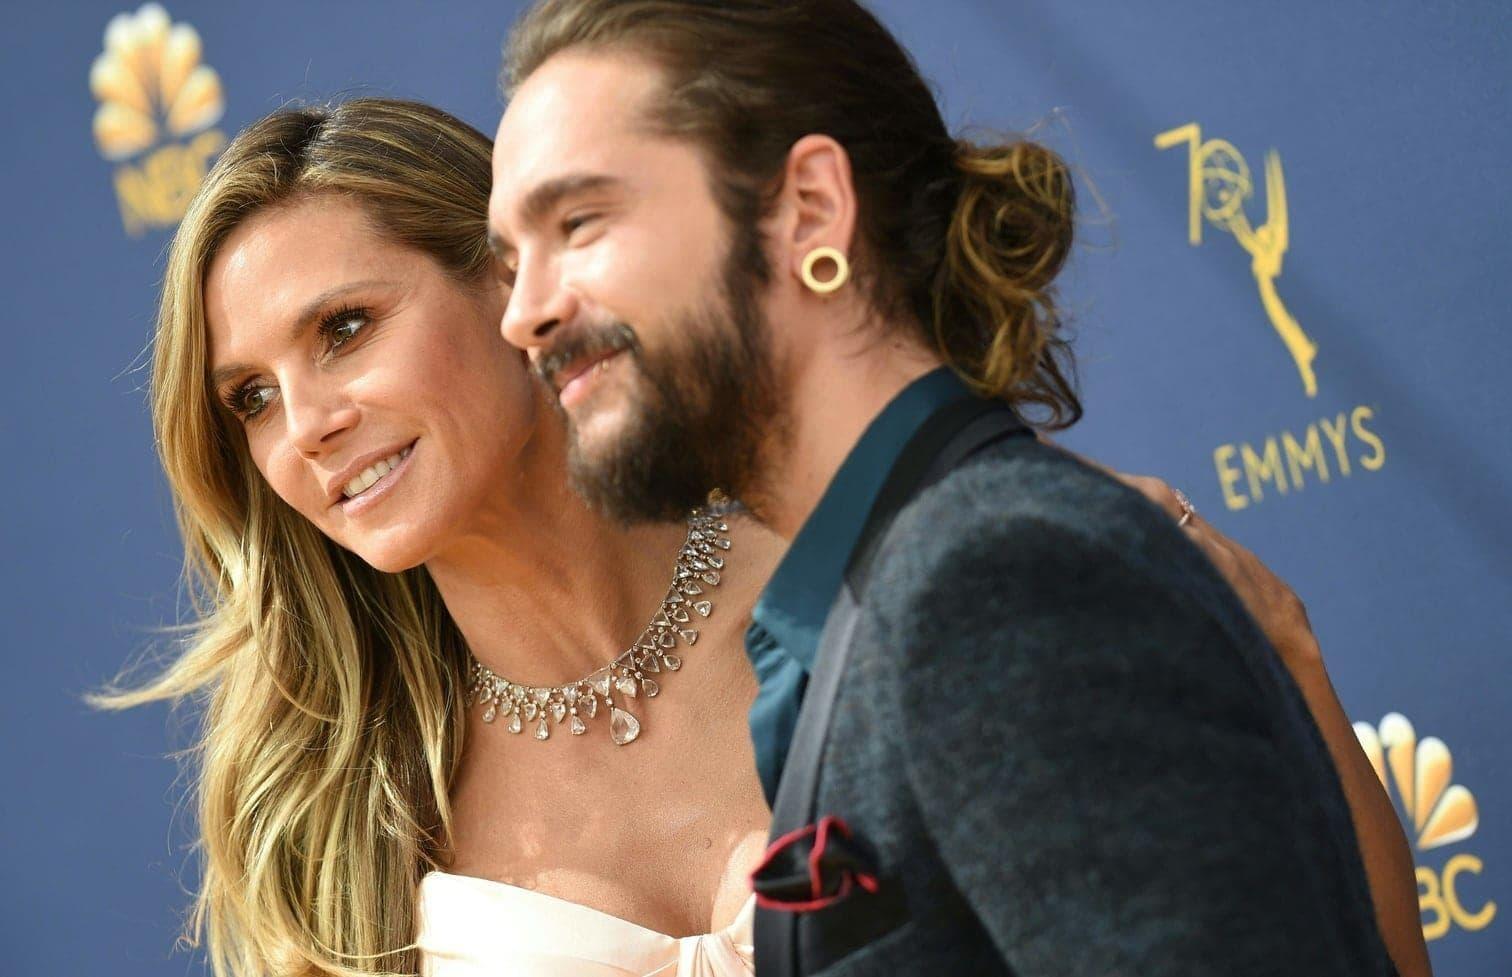 <p>Heidi Klum und ihr Freund Tom Kaulitz haben sich bei den Emmy Awards im September 2018 freudestrahlend auf dem Roten Teppich gezeigt.</p> Foto: AFP